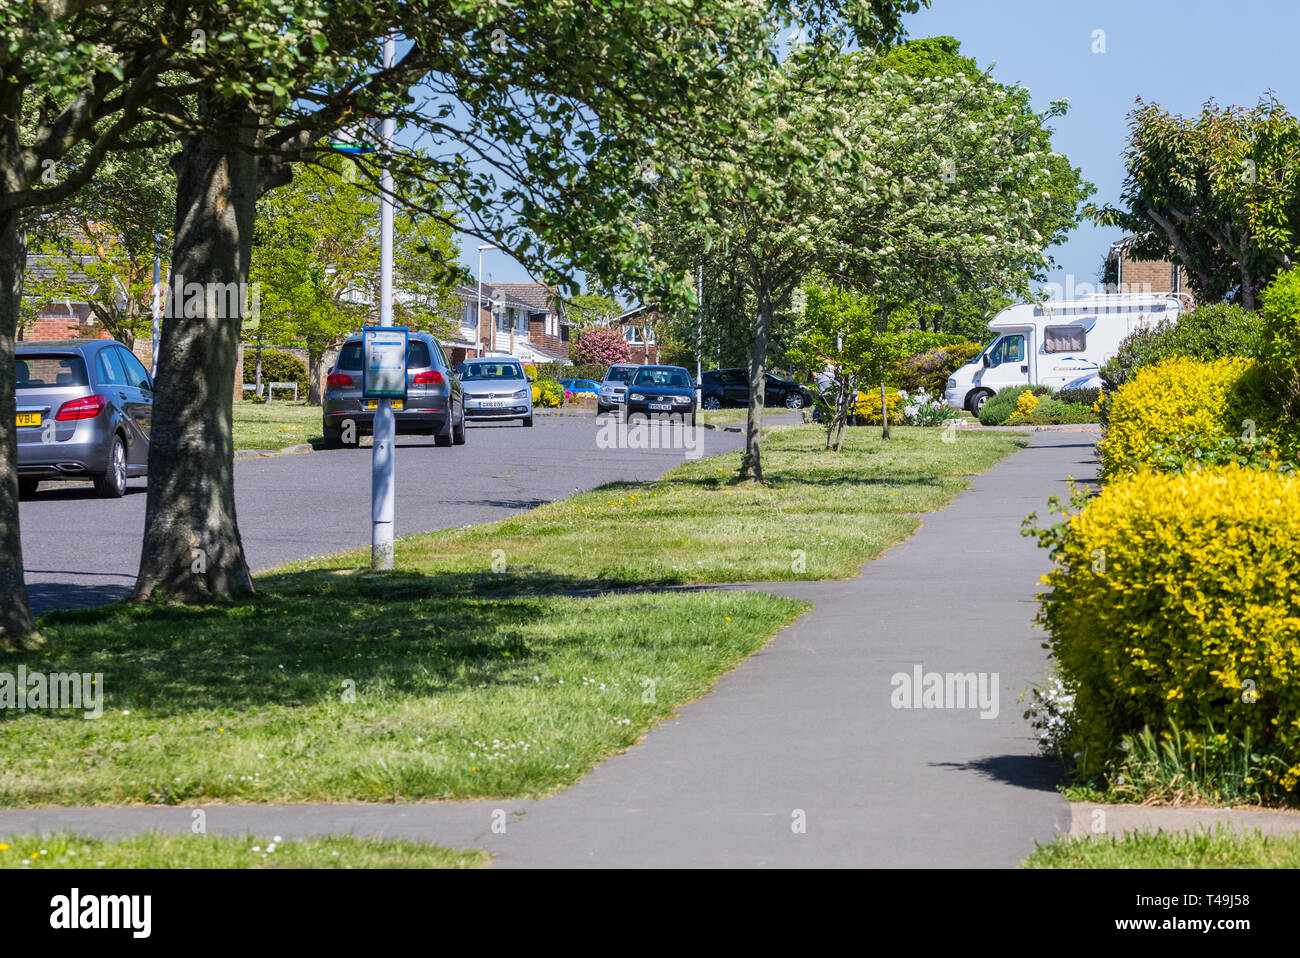 Les arbres et de la chaussée par une route dans un quartier résidentiel calme de Littlehampton, West Sussex, Angleterre, Royaume-Uni. Photo Stock